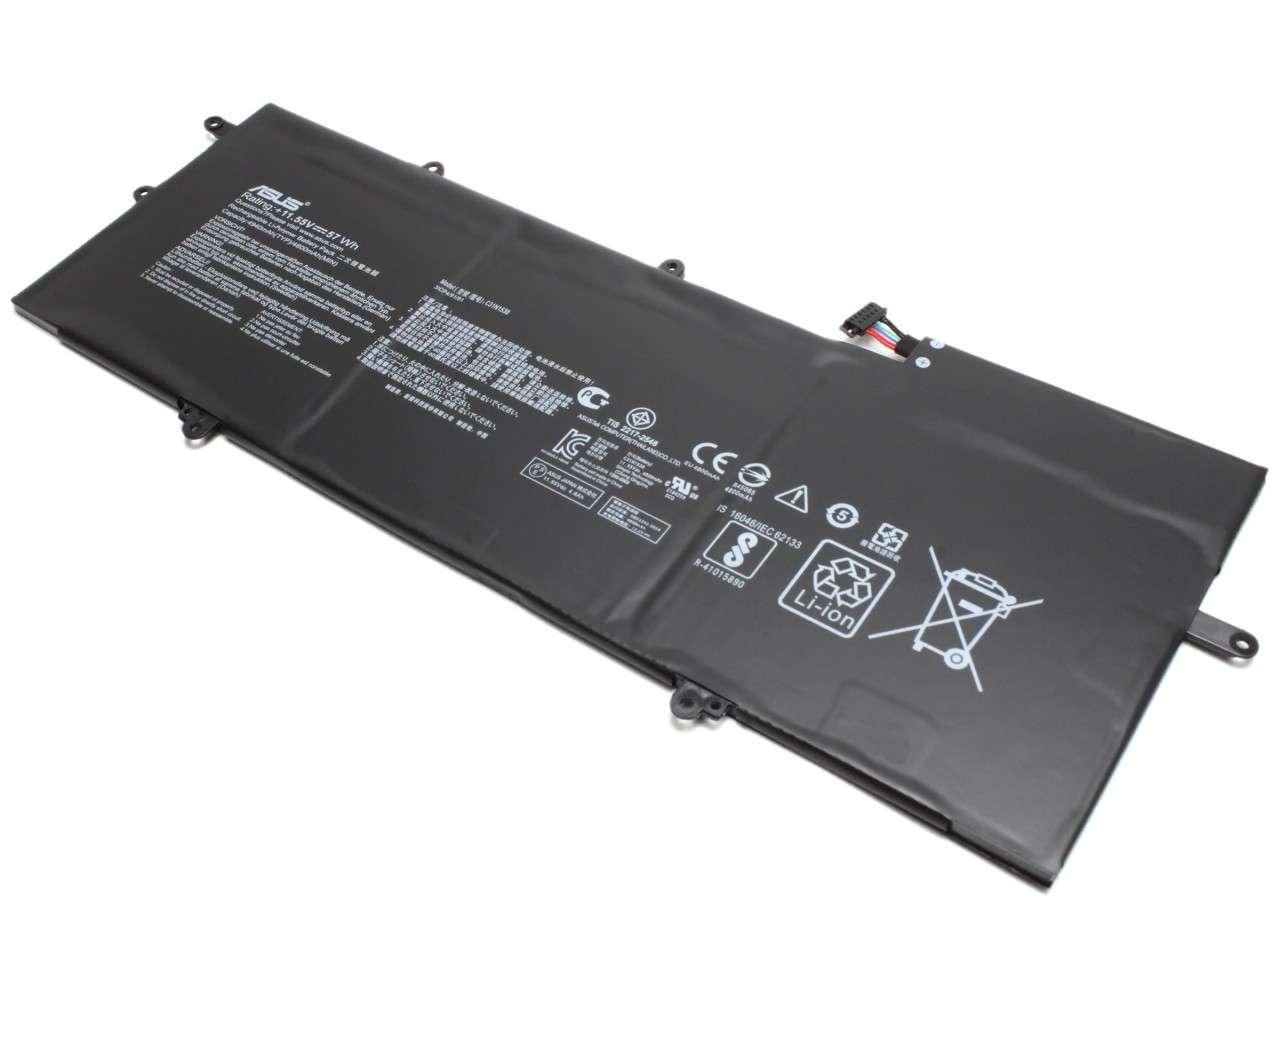 Baterie Asus C31N1538 Originala 57Wh imagine